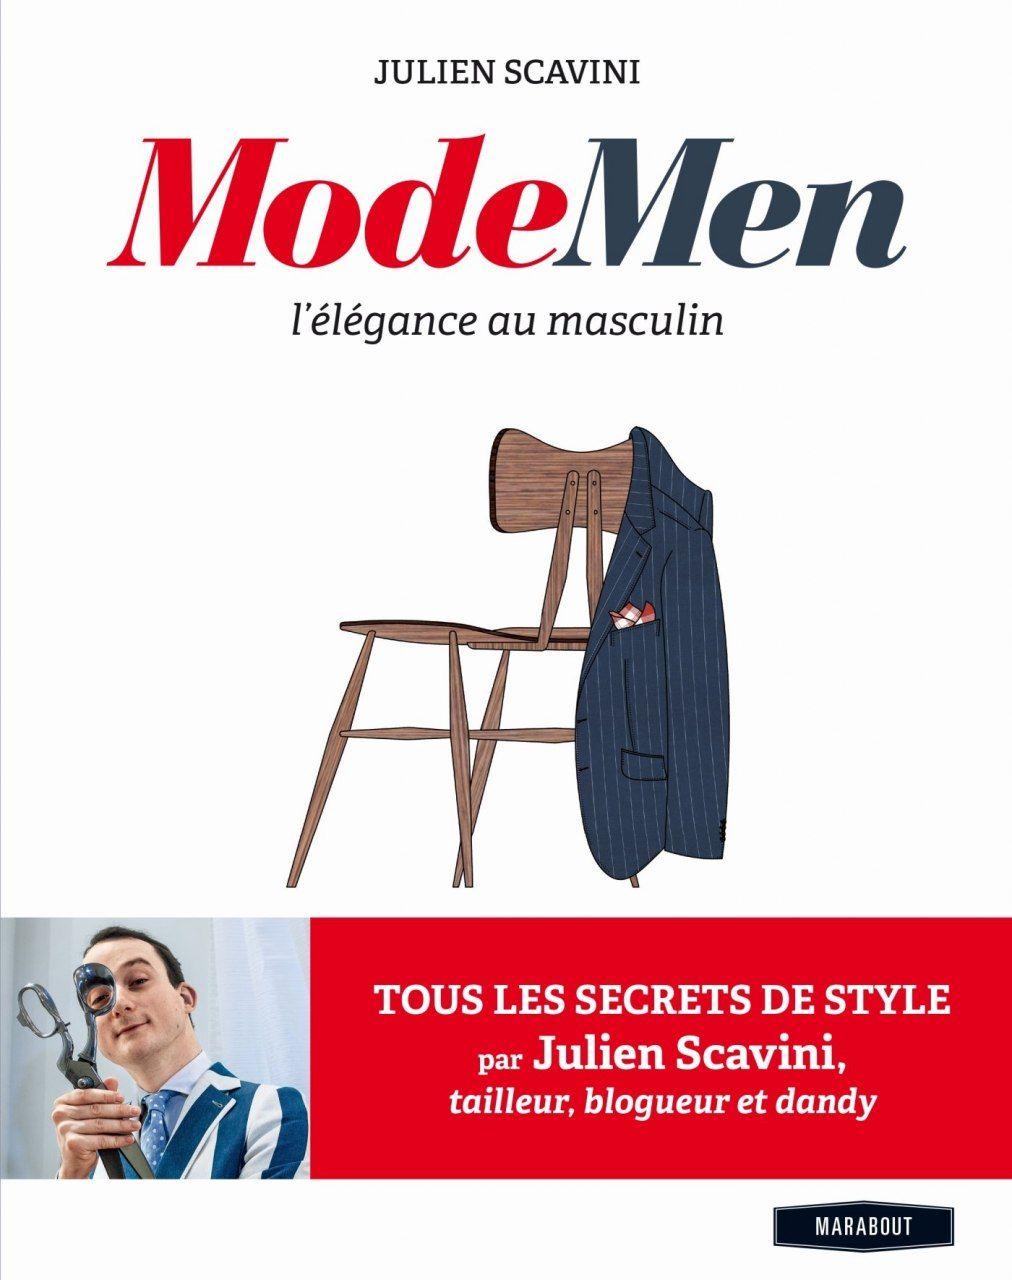 Julien Scavini, Modemen L'élégance masculine